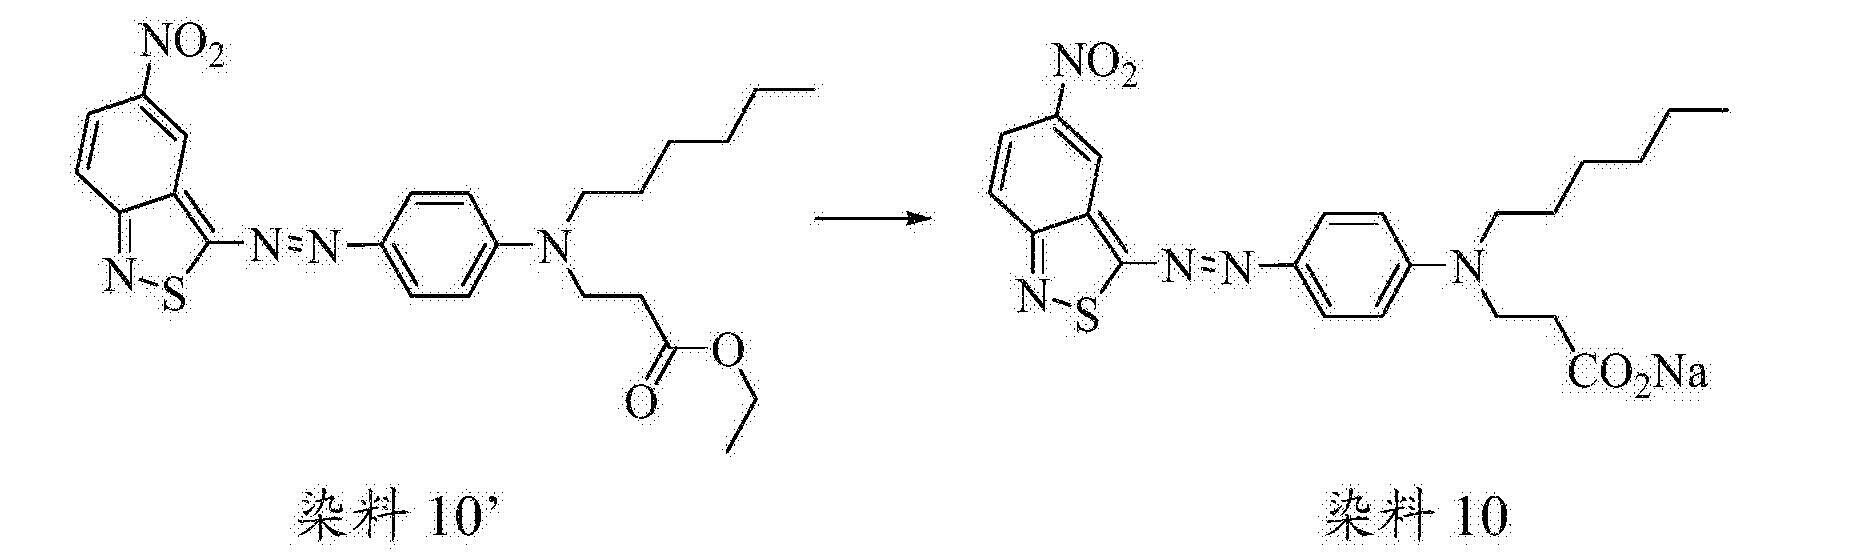 Figure CN104350106BD00221